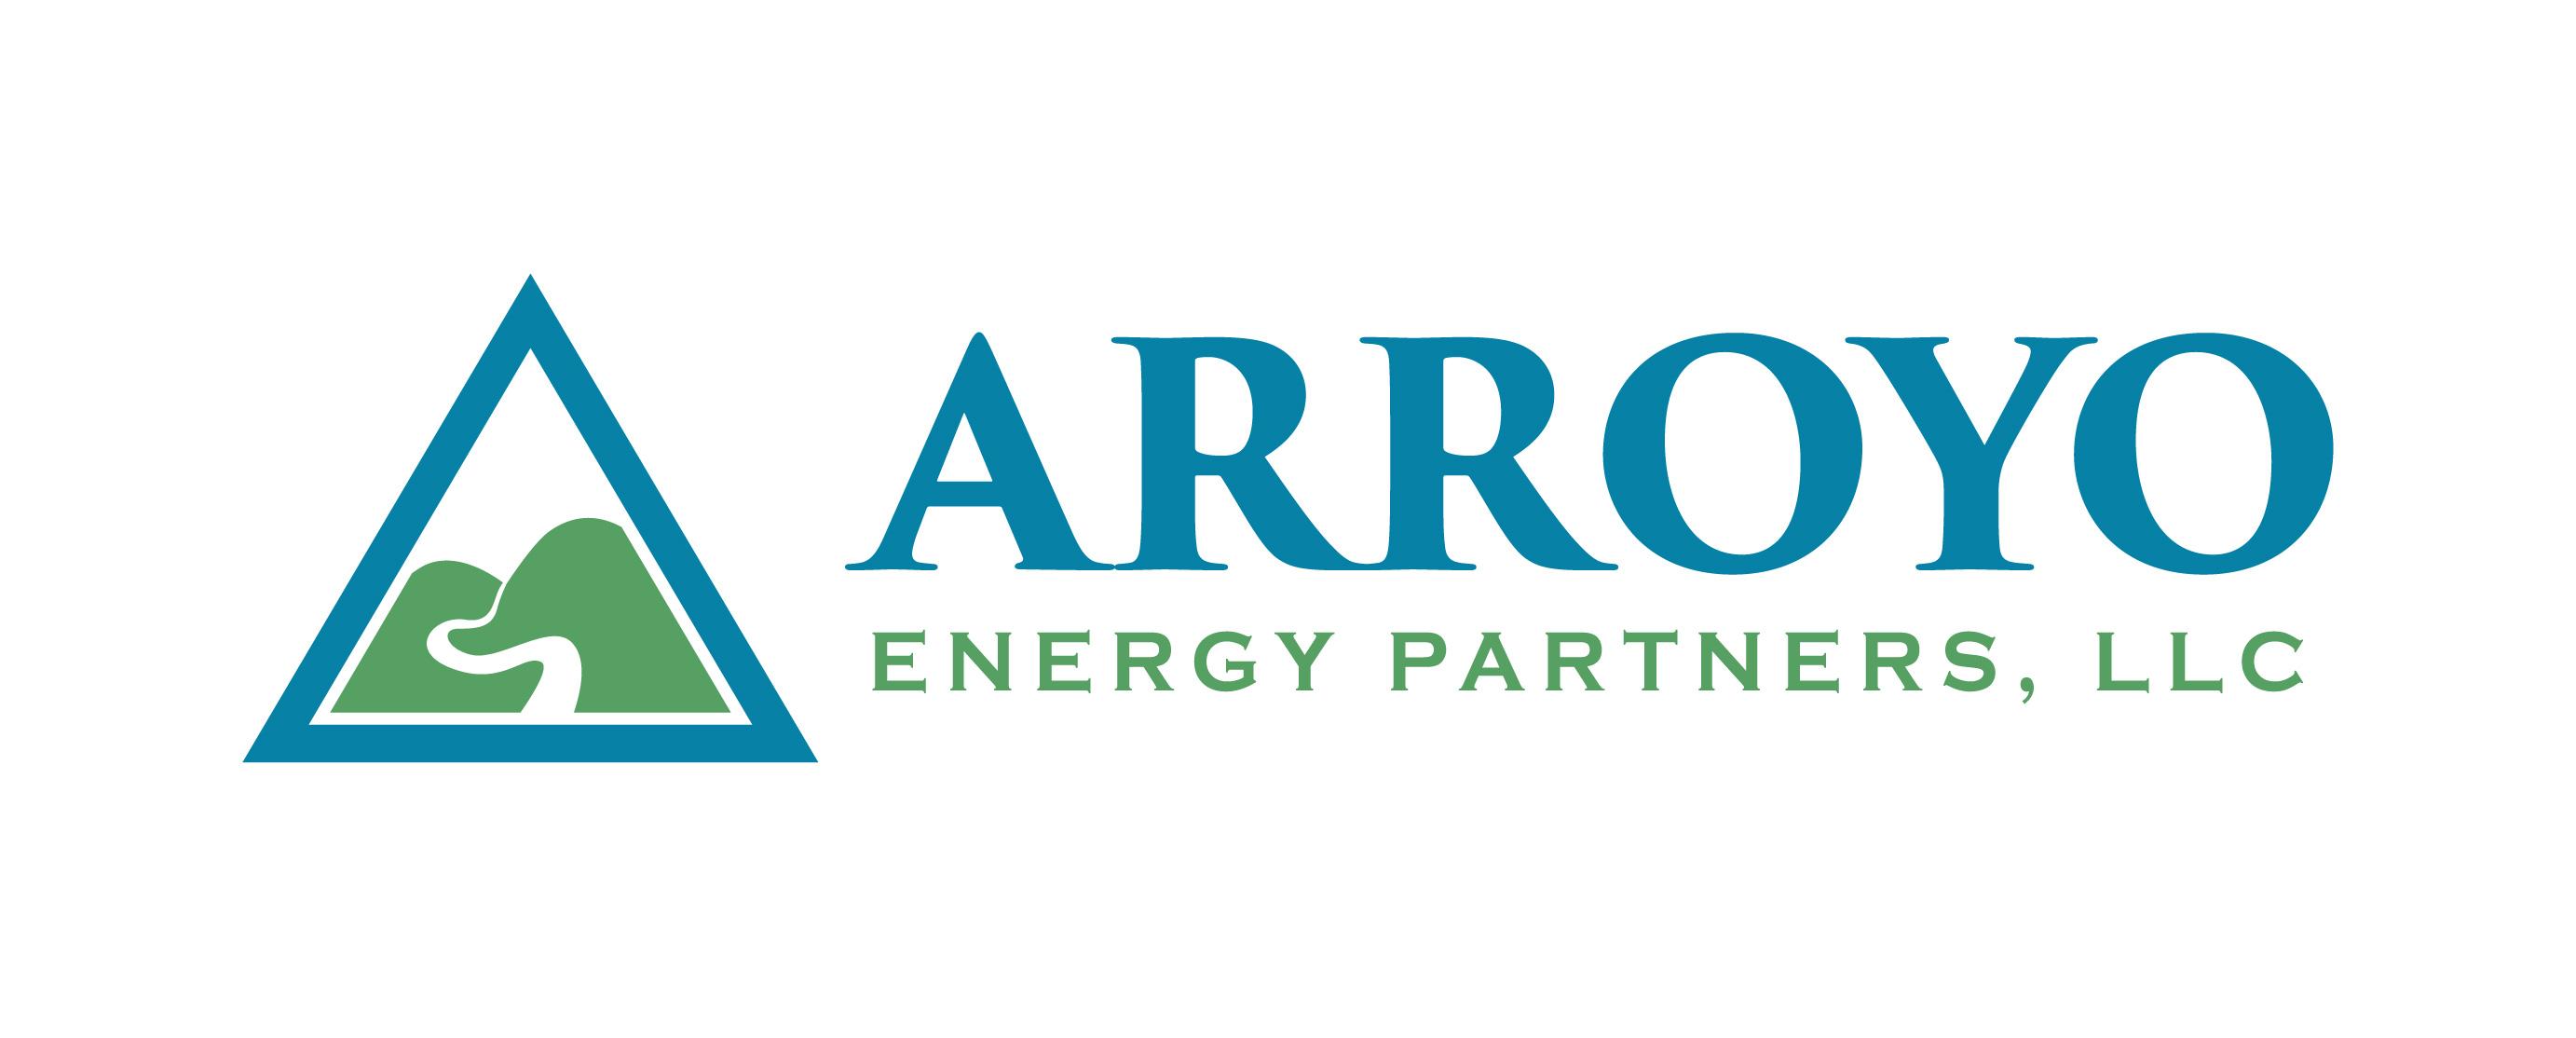 Arroyo Energy Partners, LLC